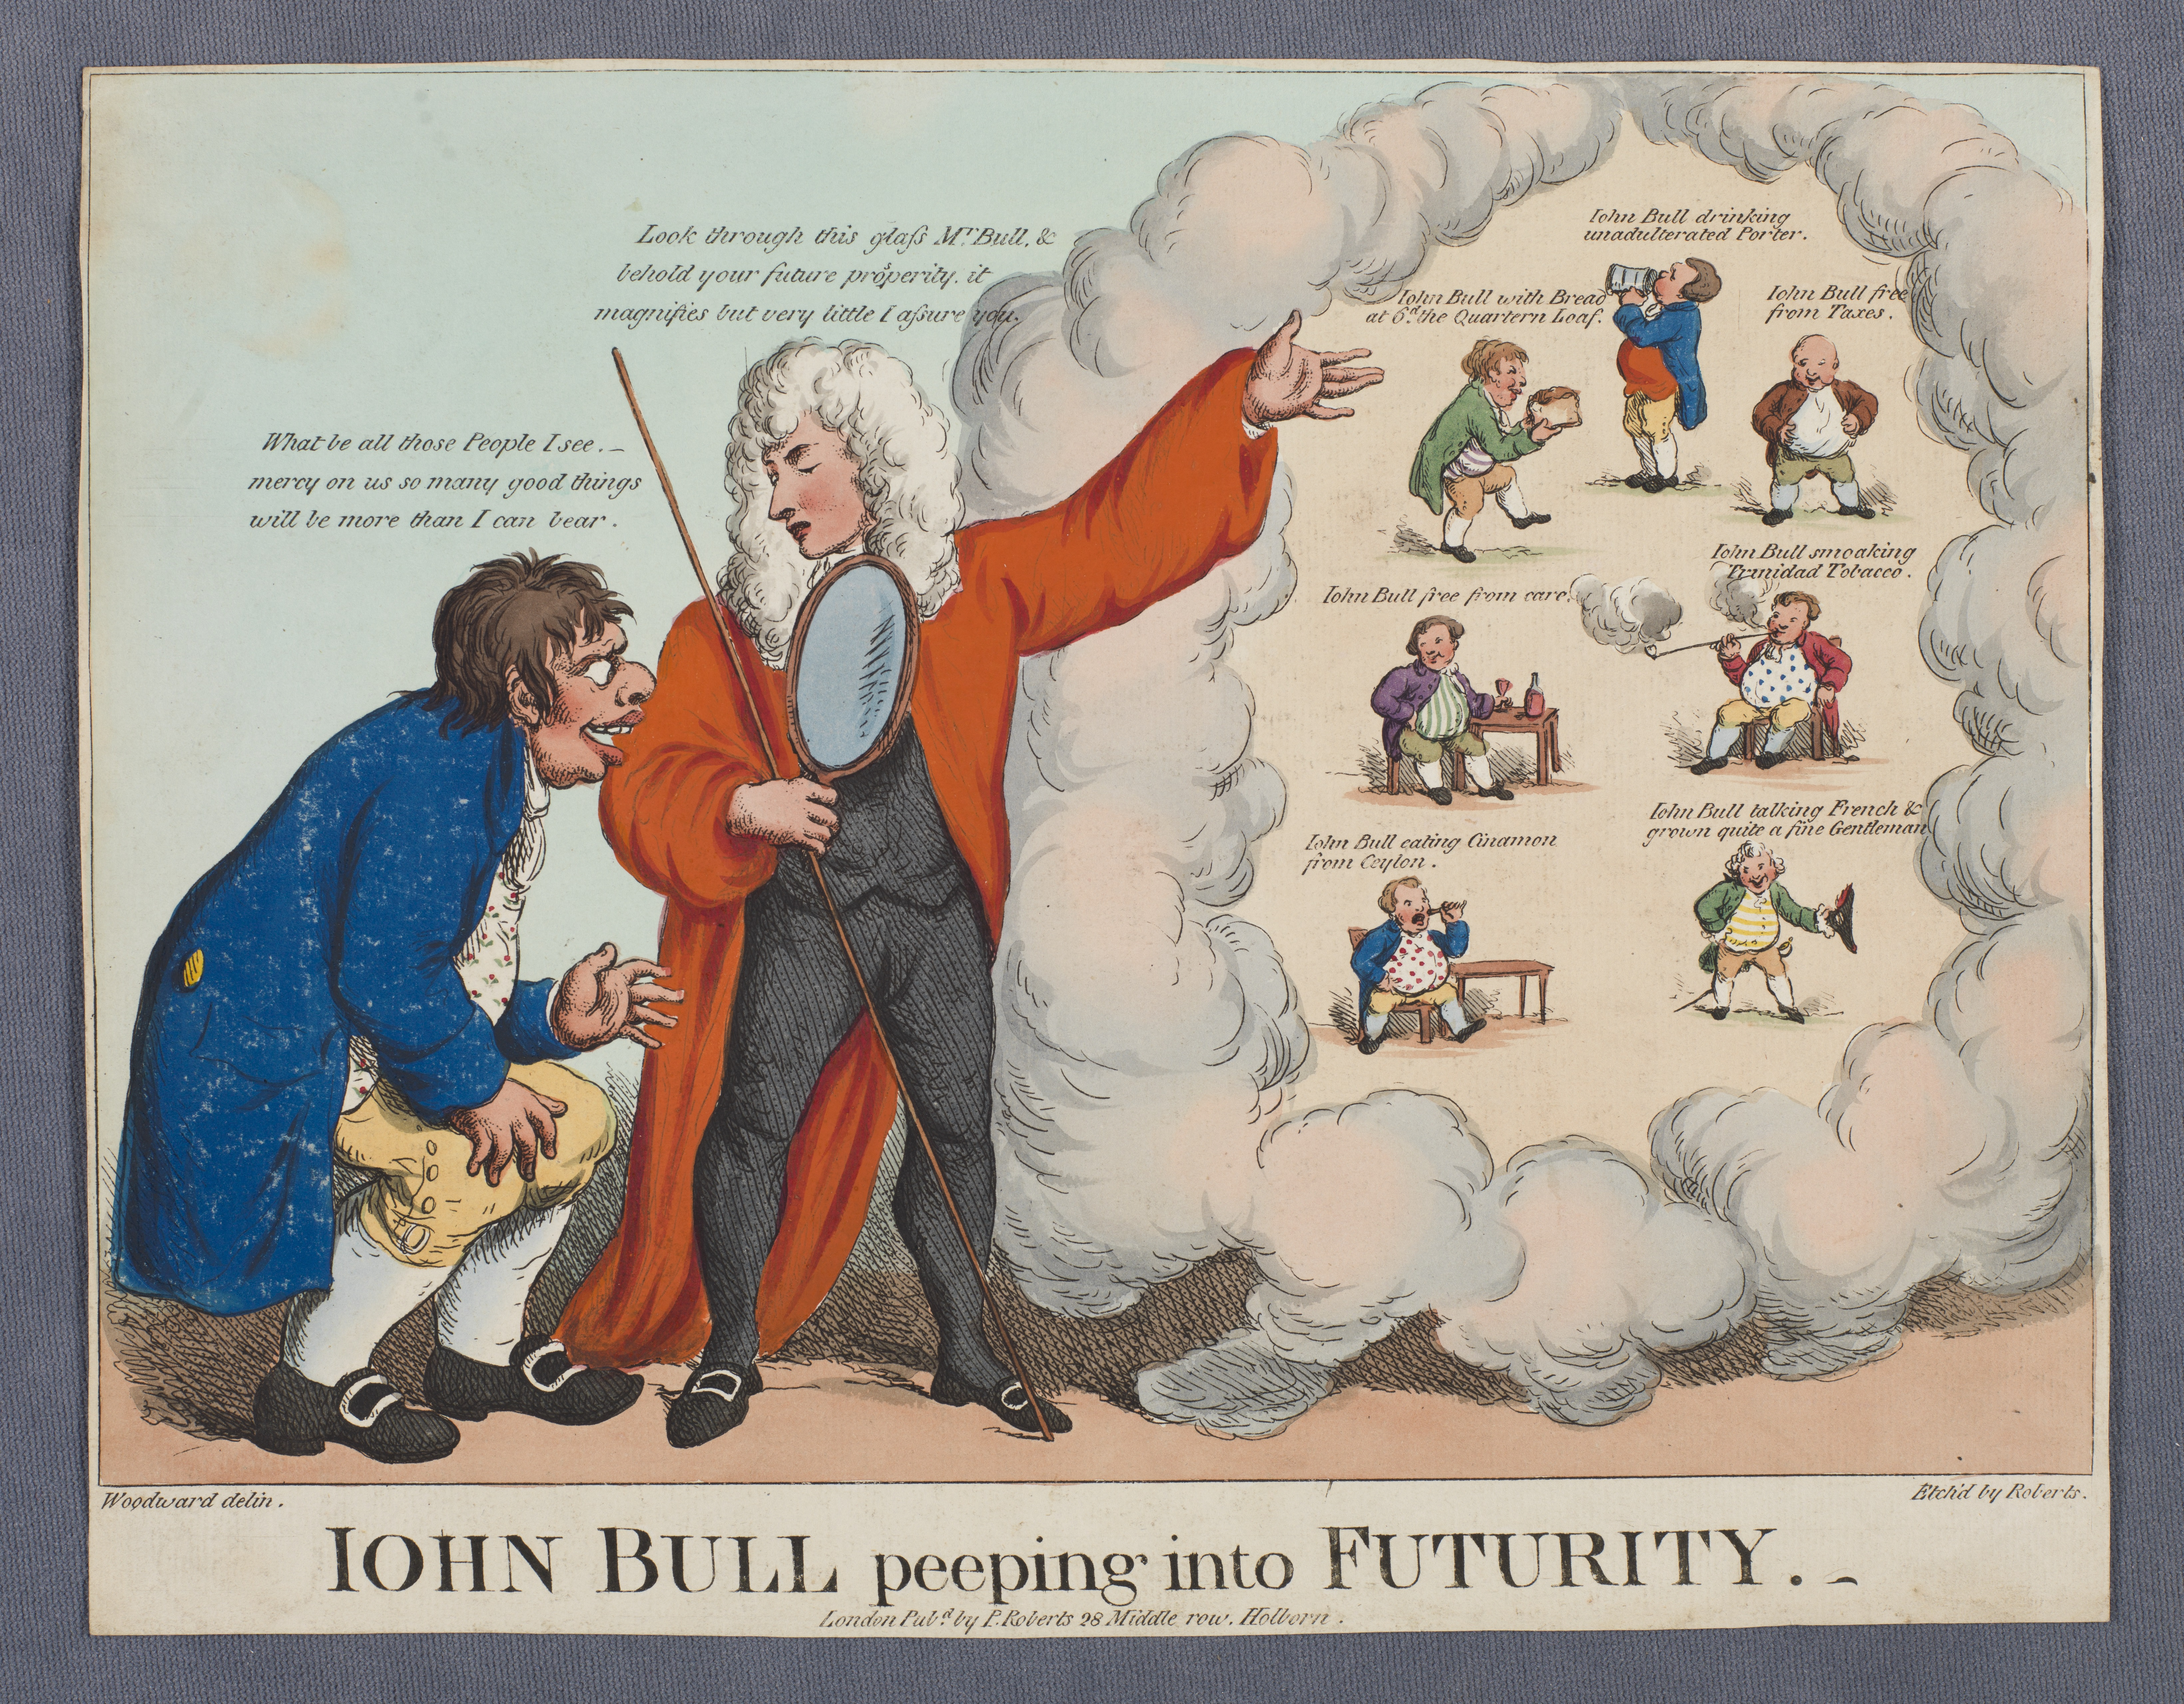 Iohn Bull peeping into futurity